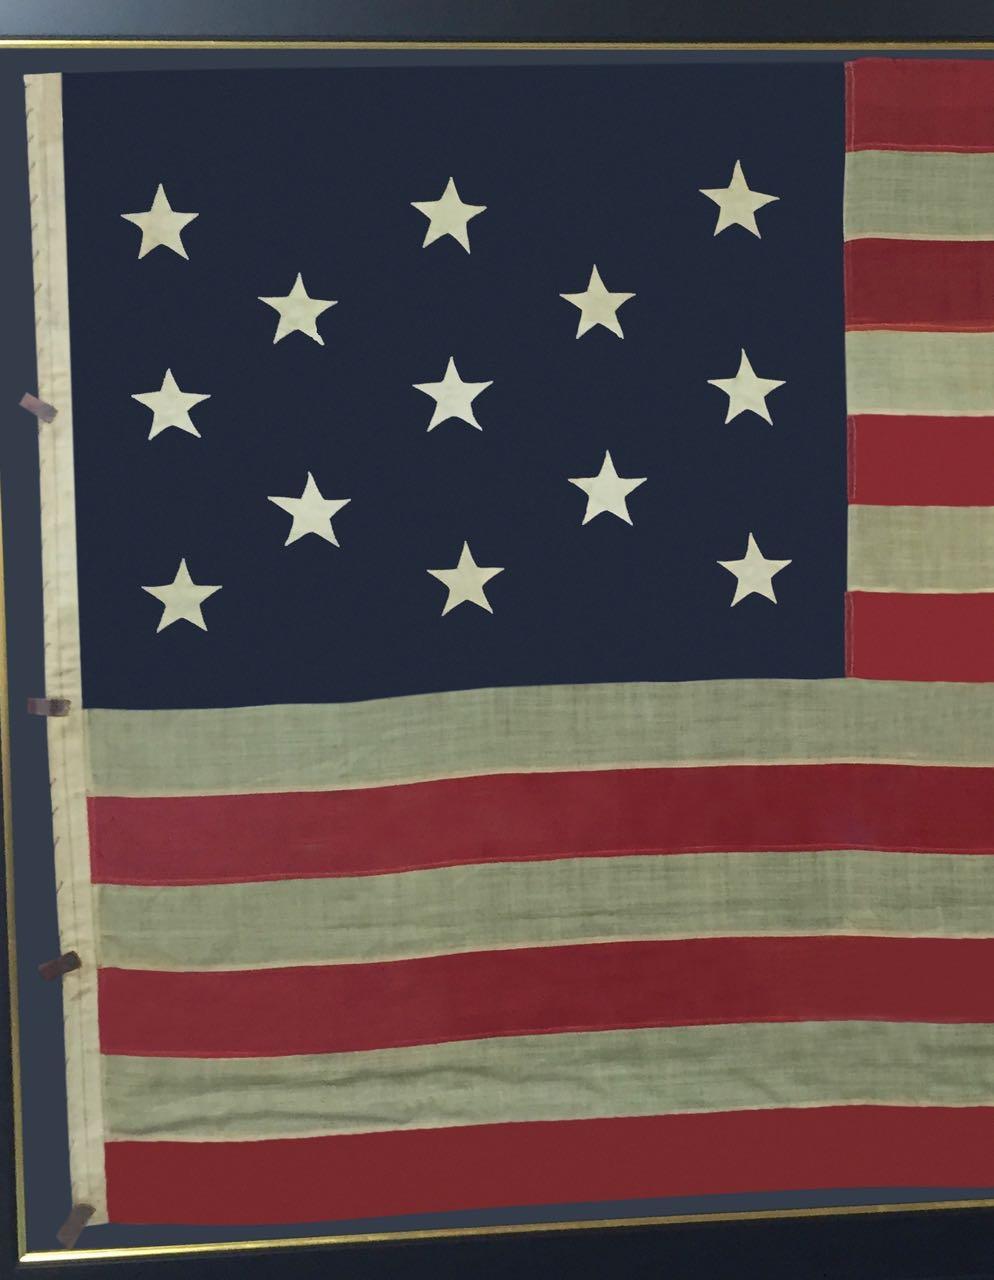 LARGE FRAMED ANTIQUE 13 STAR FLAG IMAGE #